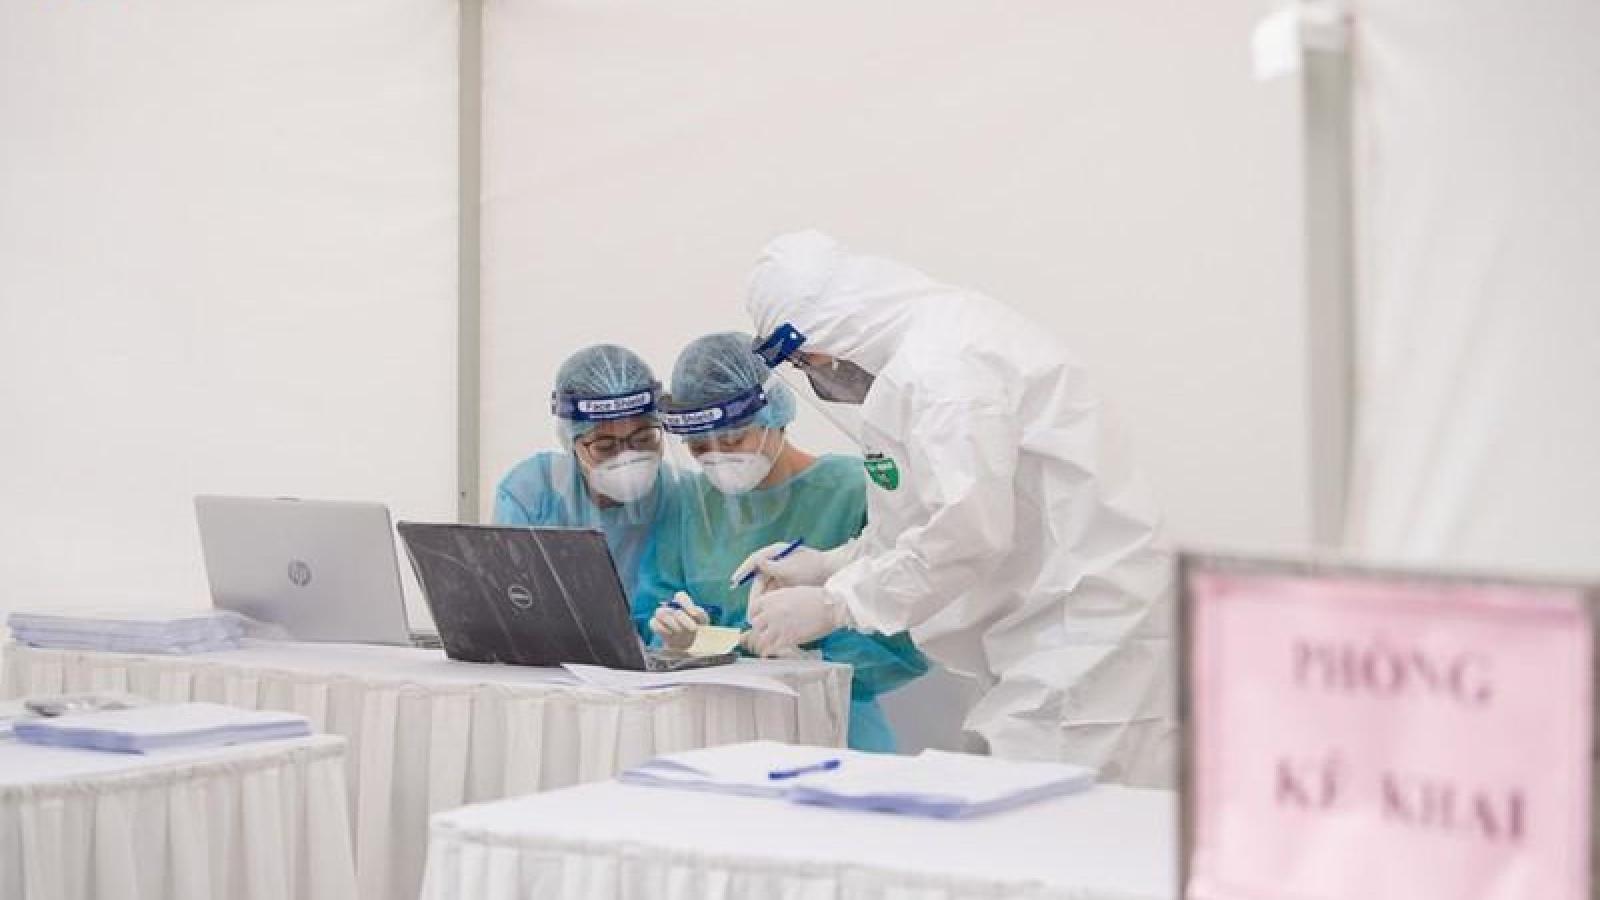 Thêm 3 bệnh nhân Covid-19 dương tính trở lại ở TPHCM và Phú Thọ